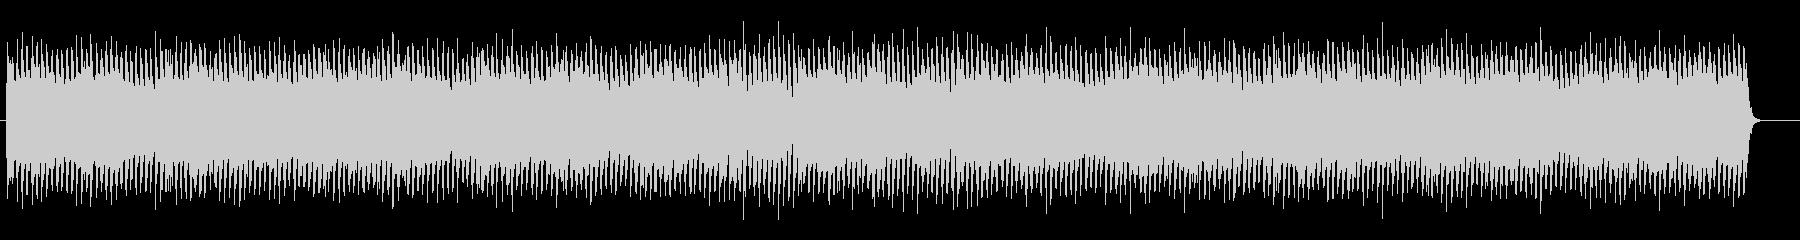 ストリングスによる壮大なポップスの未再生の波形